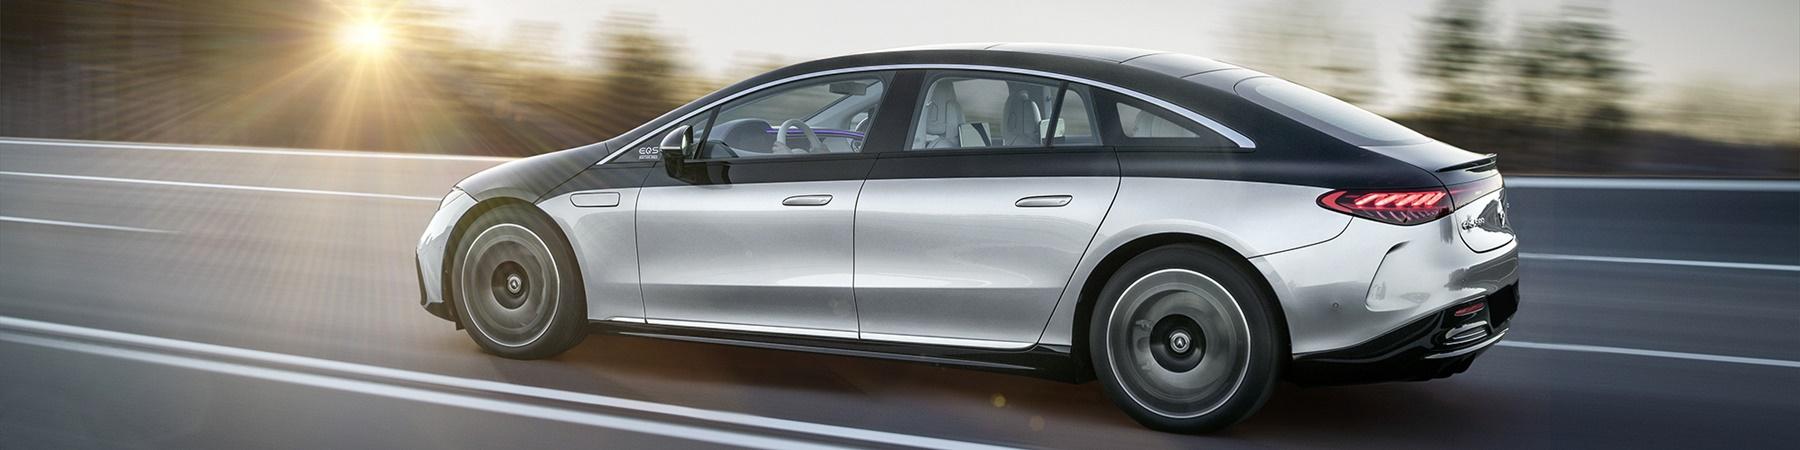 Mercedes EQS 108kWh 524 km actieradius